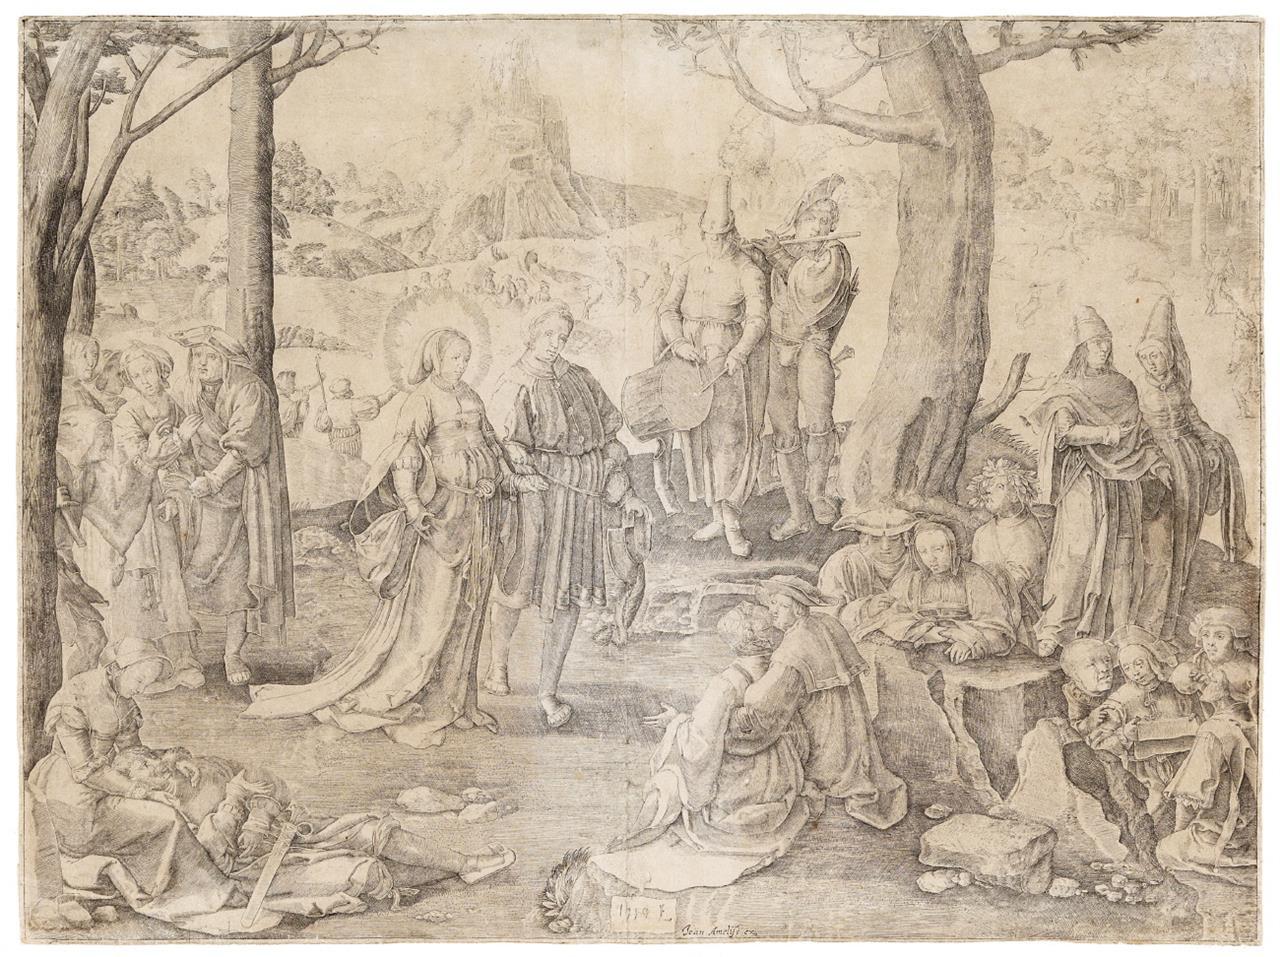 Lucas van Leyden (nach). Der Tanz der Maria Magdalena. 1519. Kupferstich.